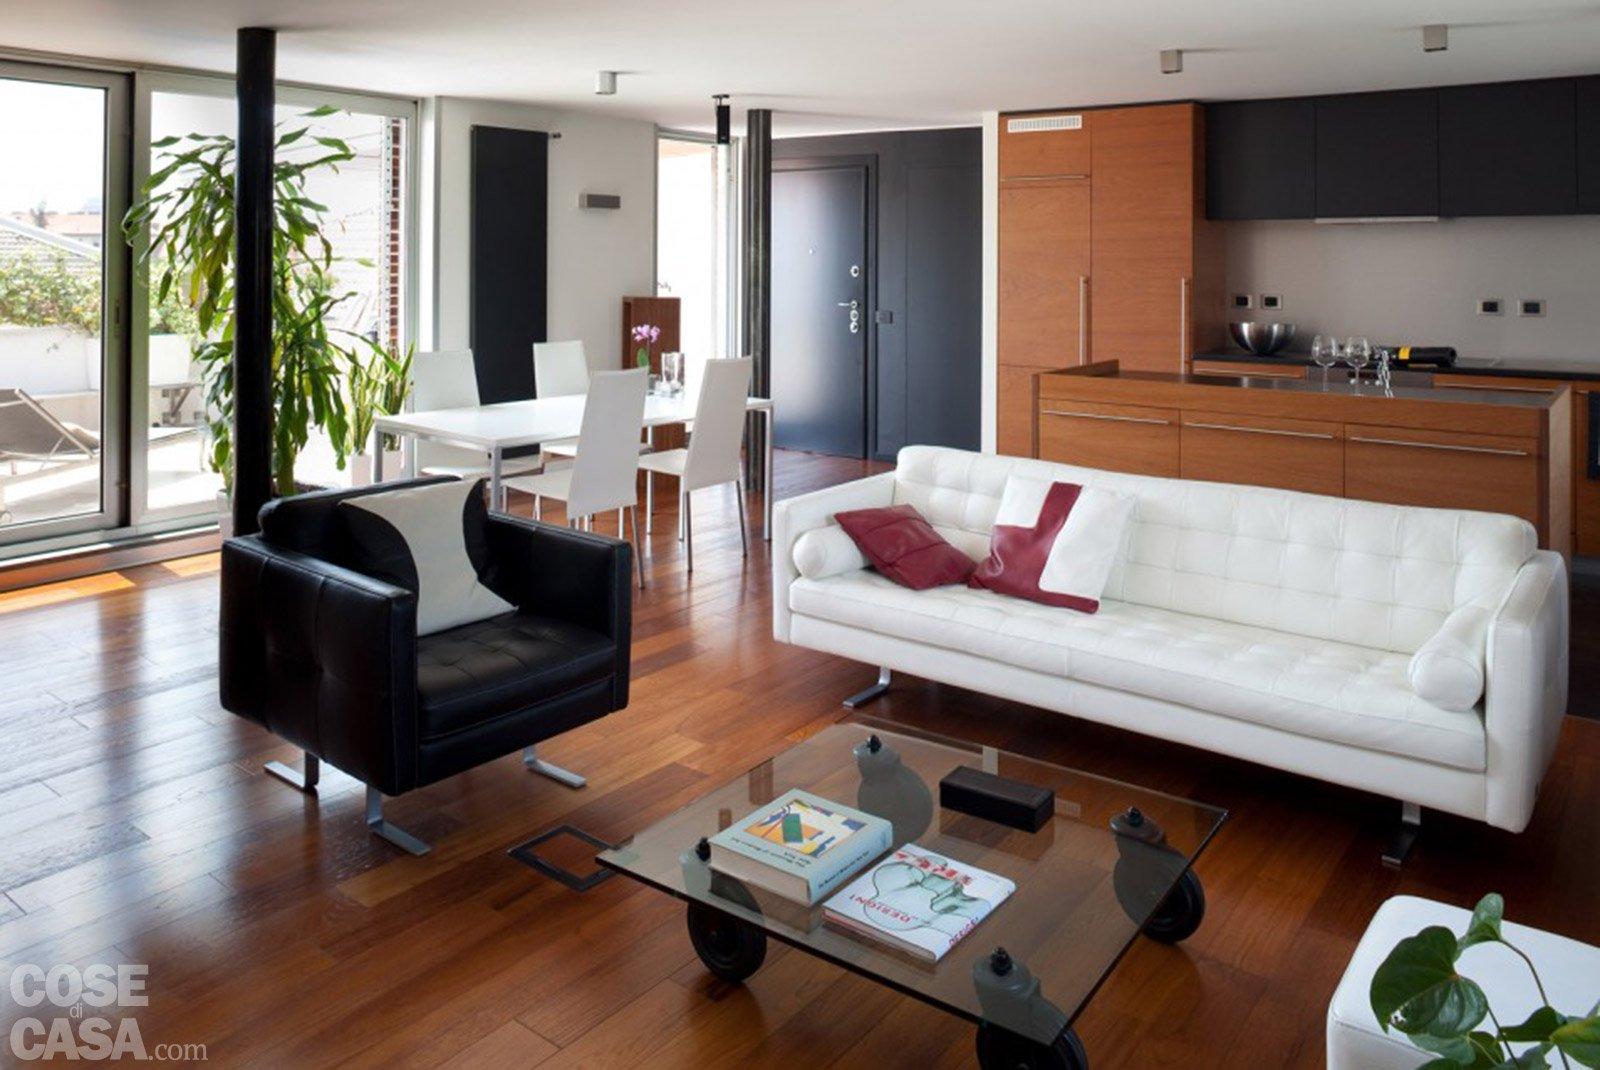 80 mq una casa per due perfetta per fare inviti cose di casa for Soggiorno arredato